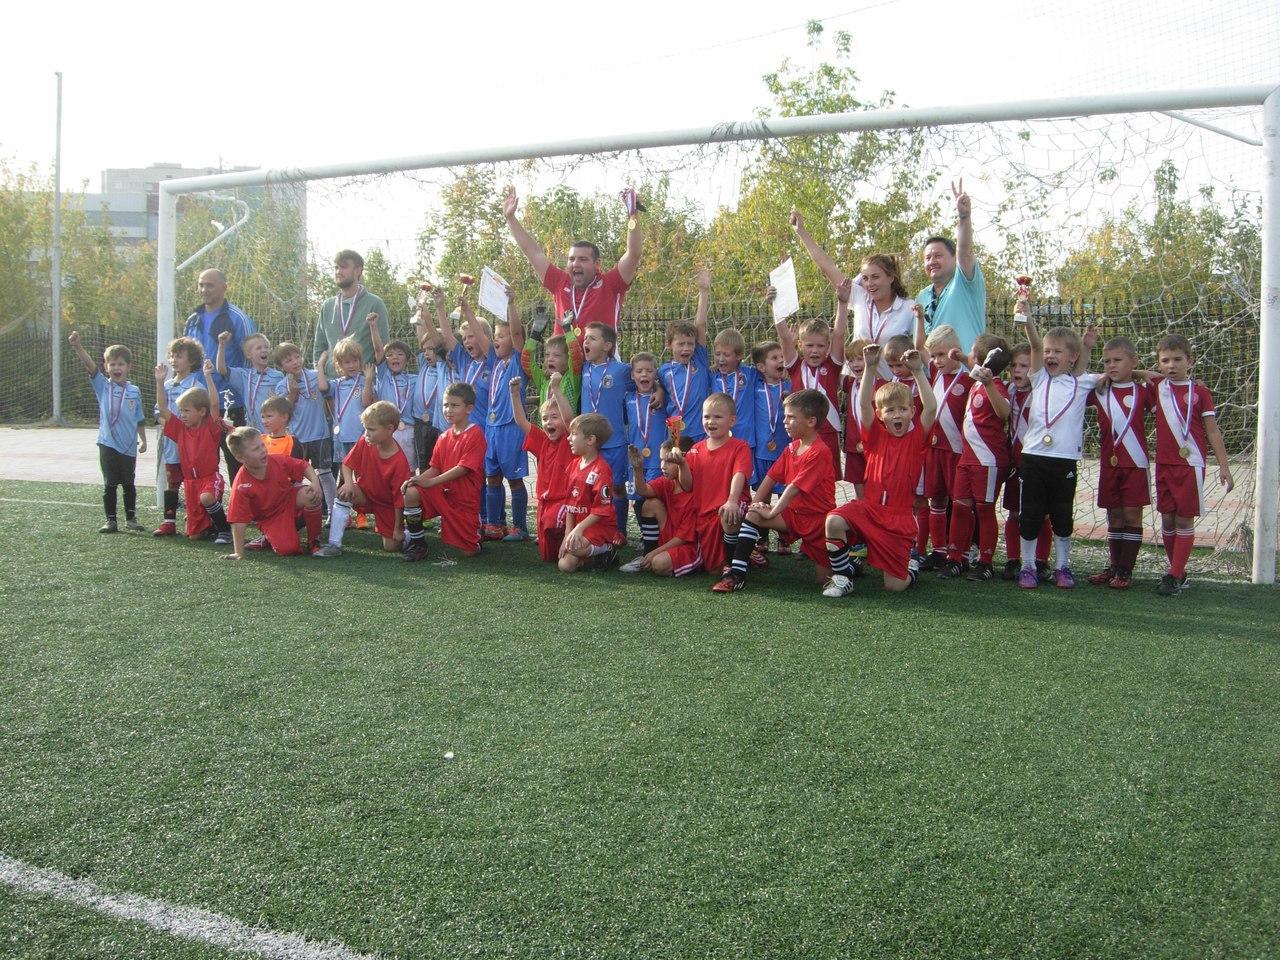 Приглашаем принять участие в турнире по футболу «Весенний Кубок Подольска-2018» среди детских команд 2011 г.р.